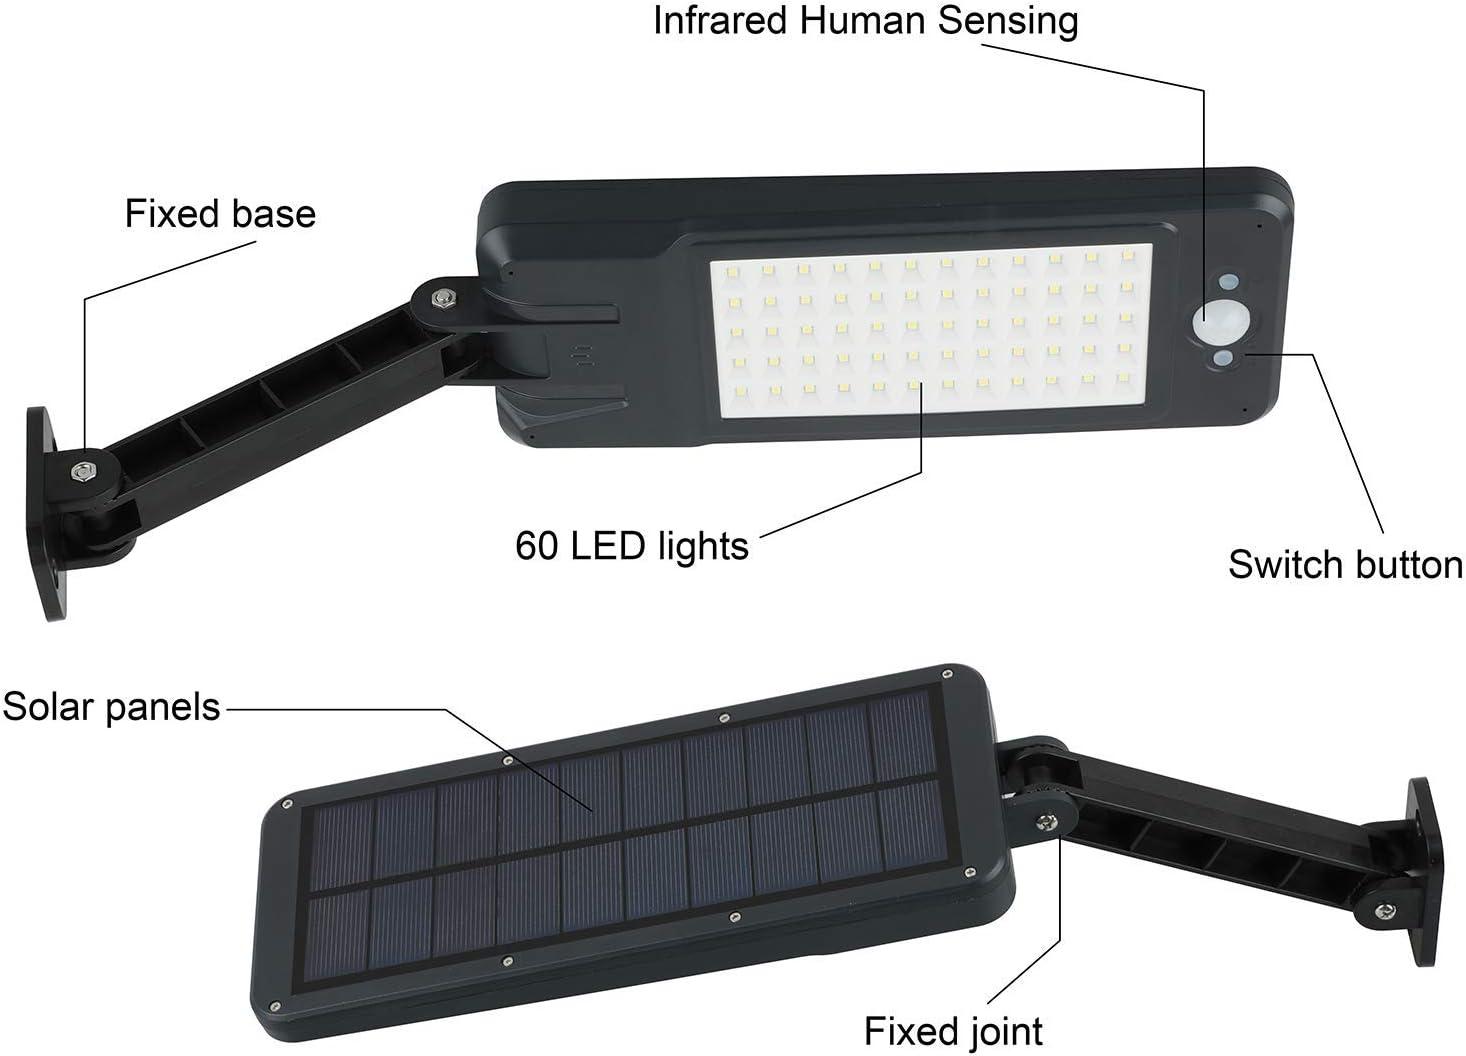 1PCS 56 LED Solarlampen f/ür au/ßen GEYUEYA Home Solar Lampe 56 LED Solar Wandleuchte Solarbewegungs-Sensor-Sicherheits-Lichter IP65 wasserdicht Wand-Lichter mit drehbaren installierten Stents